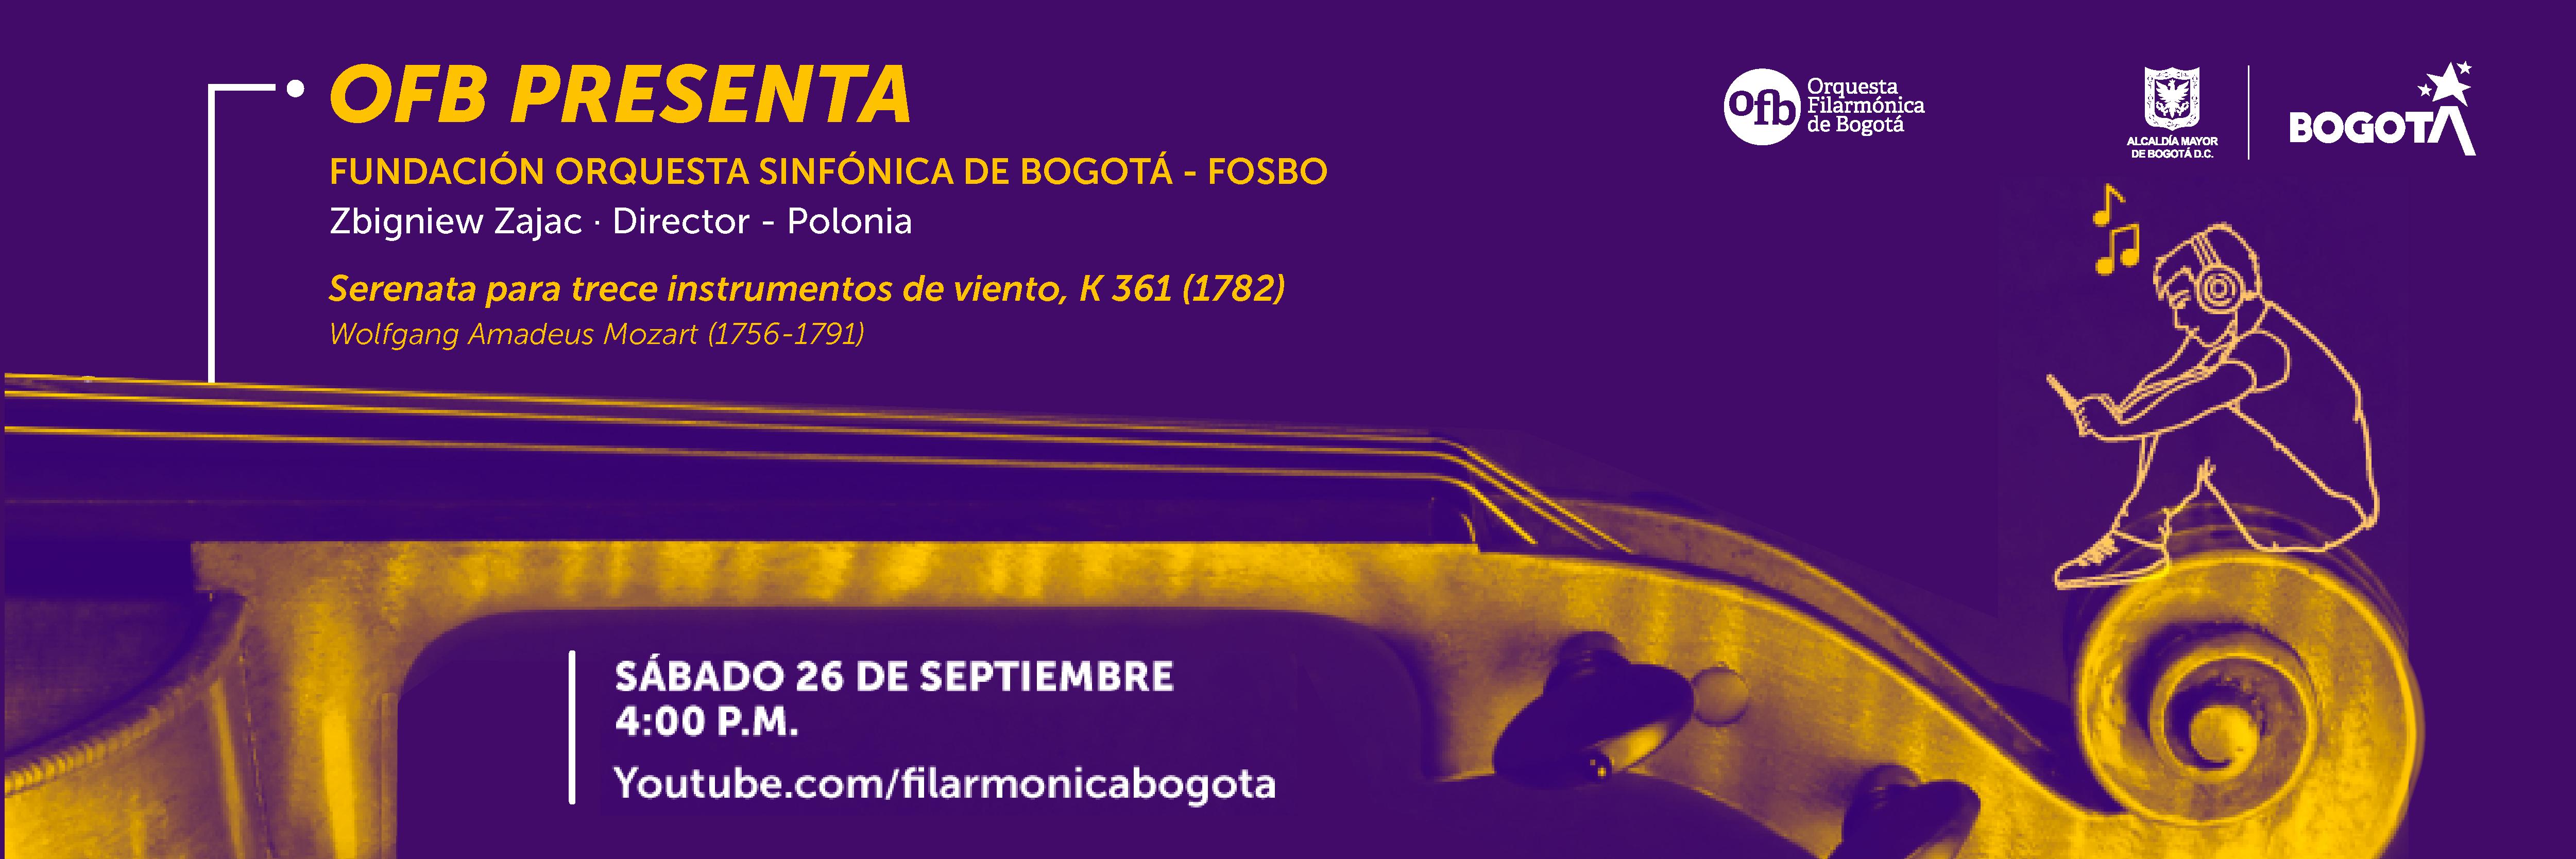 Fundación Sinfónica de Bogotá - FOSBO